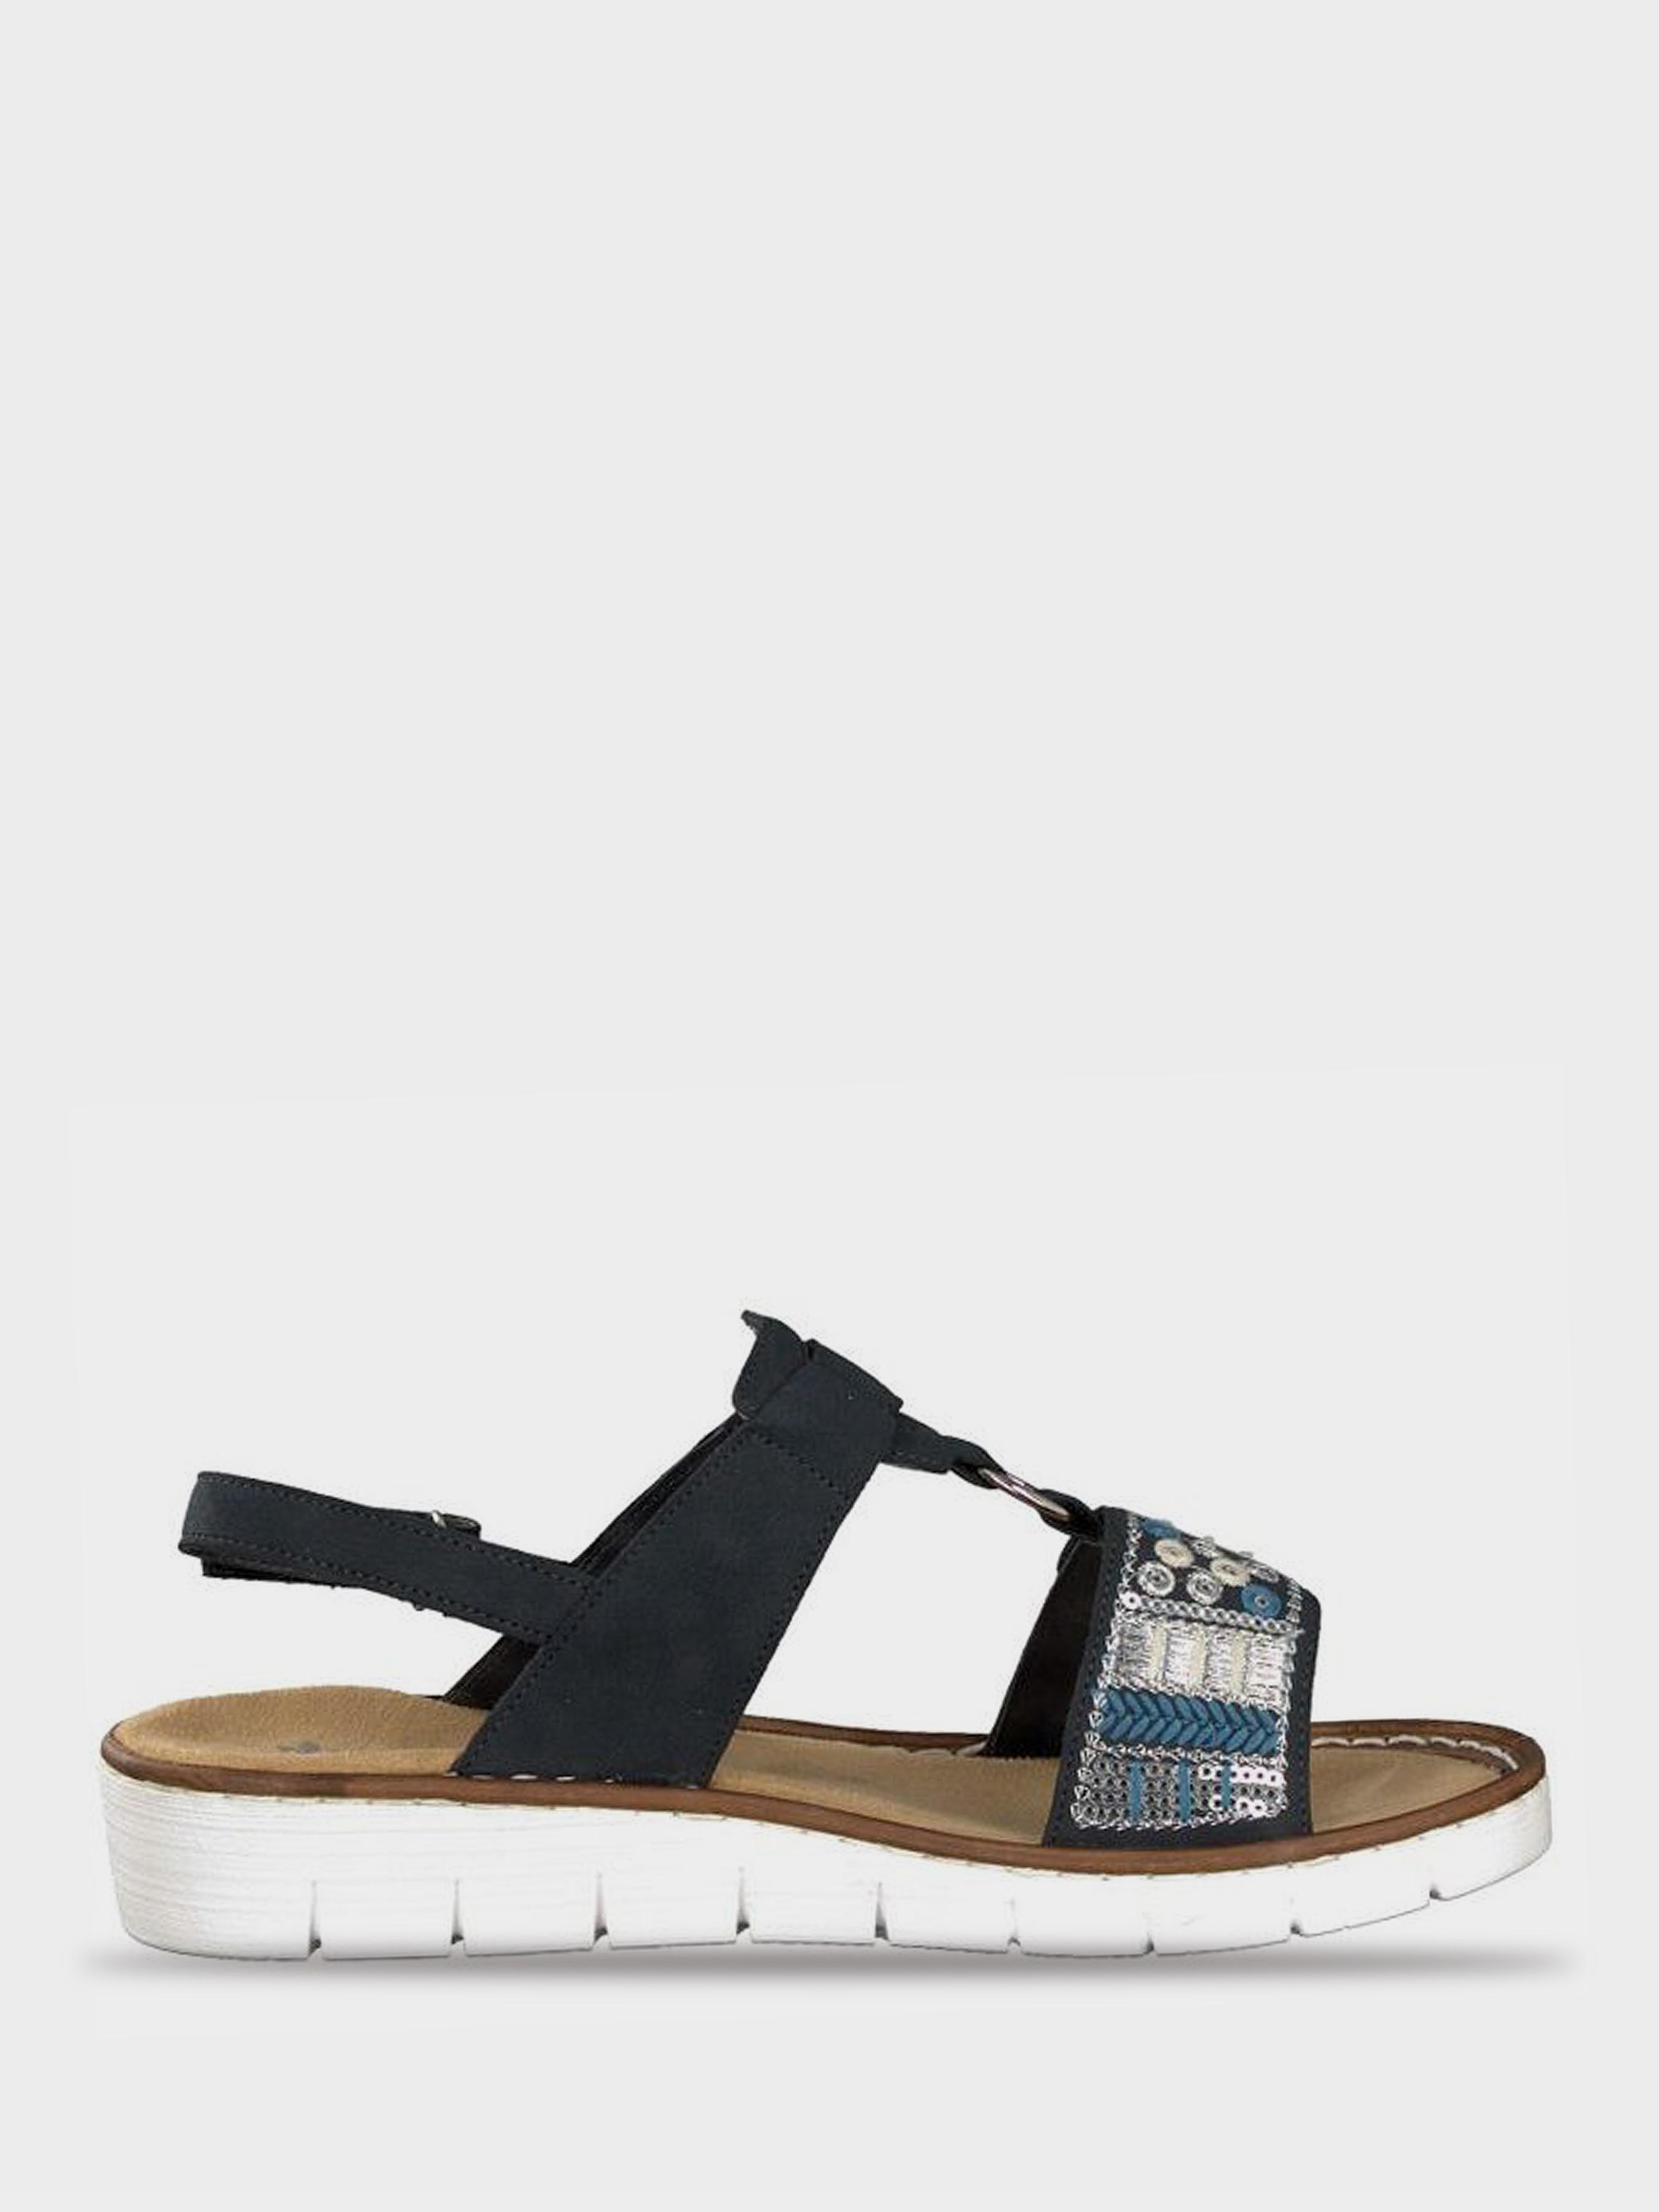 Сандалии женские RIEKER сандалі жін. (36-41) RW1202 купить, 2017